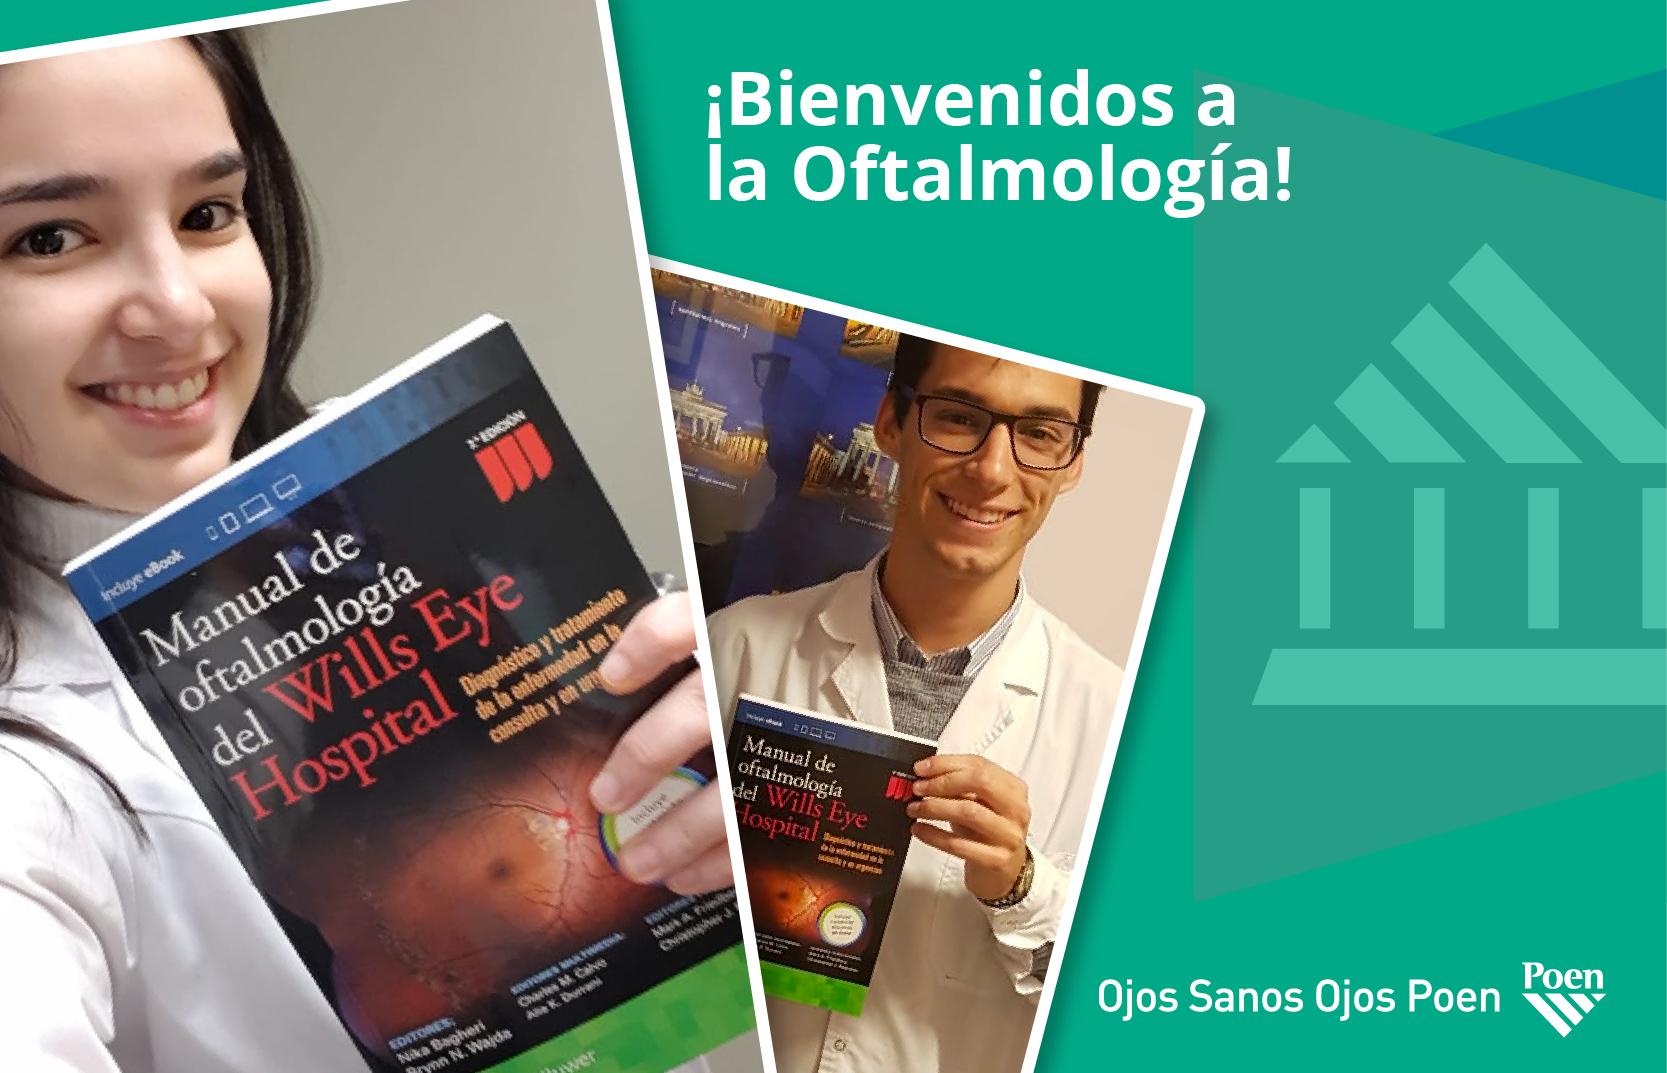 Bienvenidos a la Oftalmología